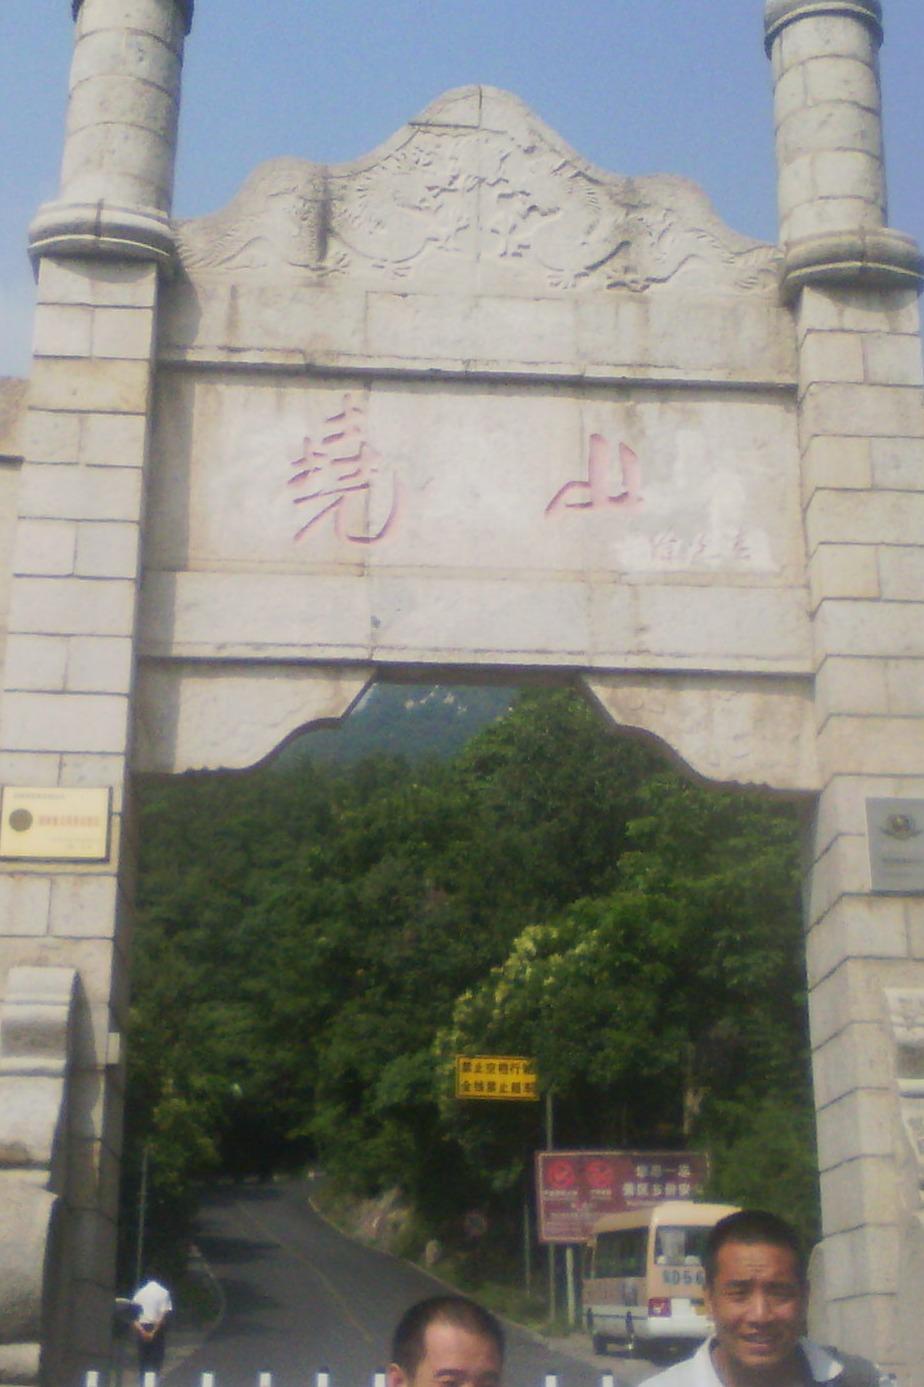 8月7日 河南平顶山鲁山县尧山 画眉谷 峡谷漂流 2日半游